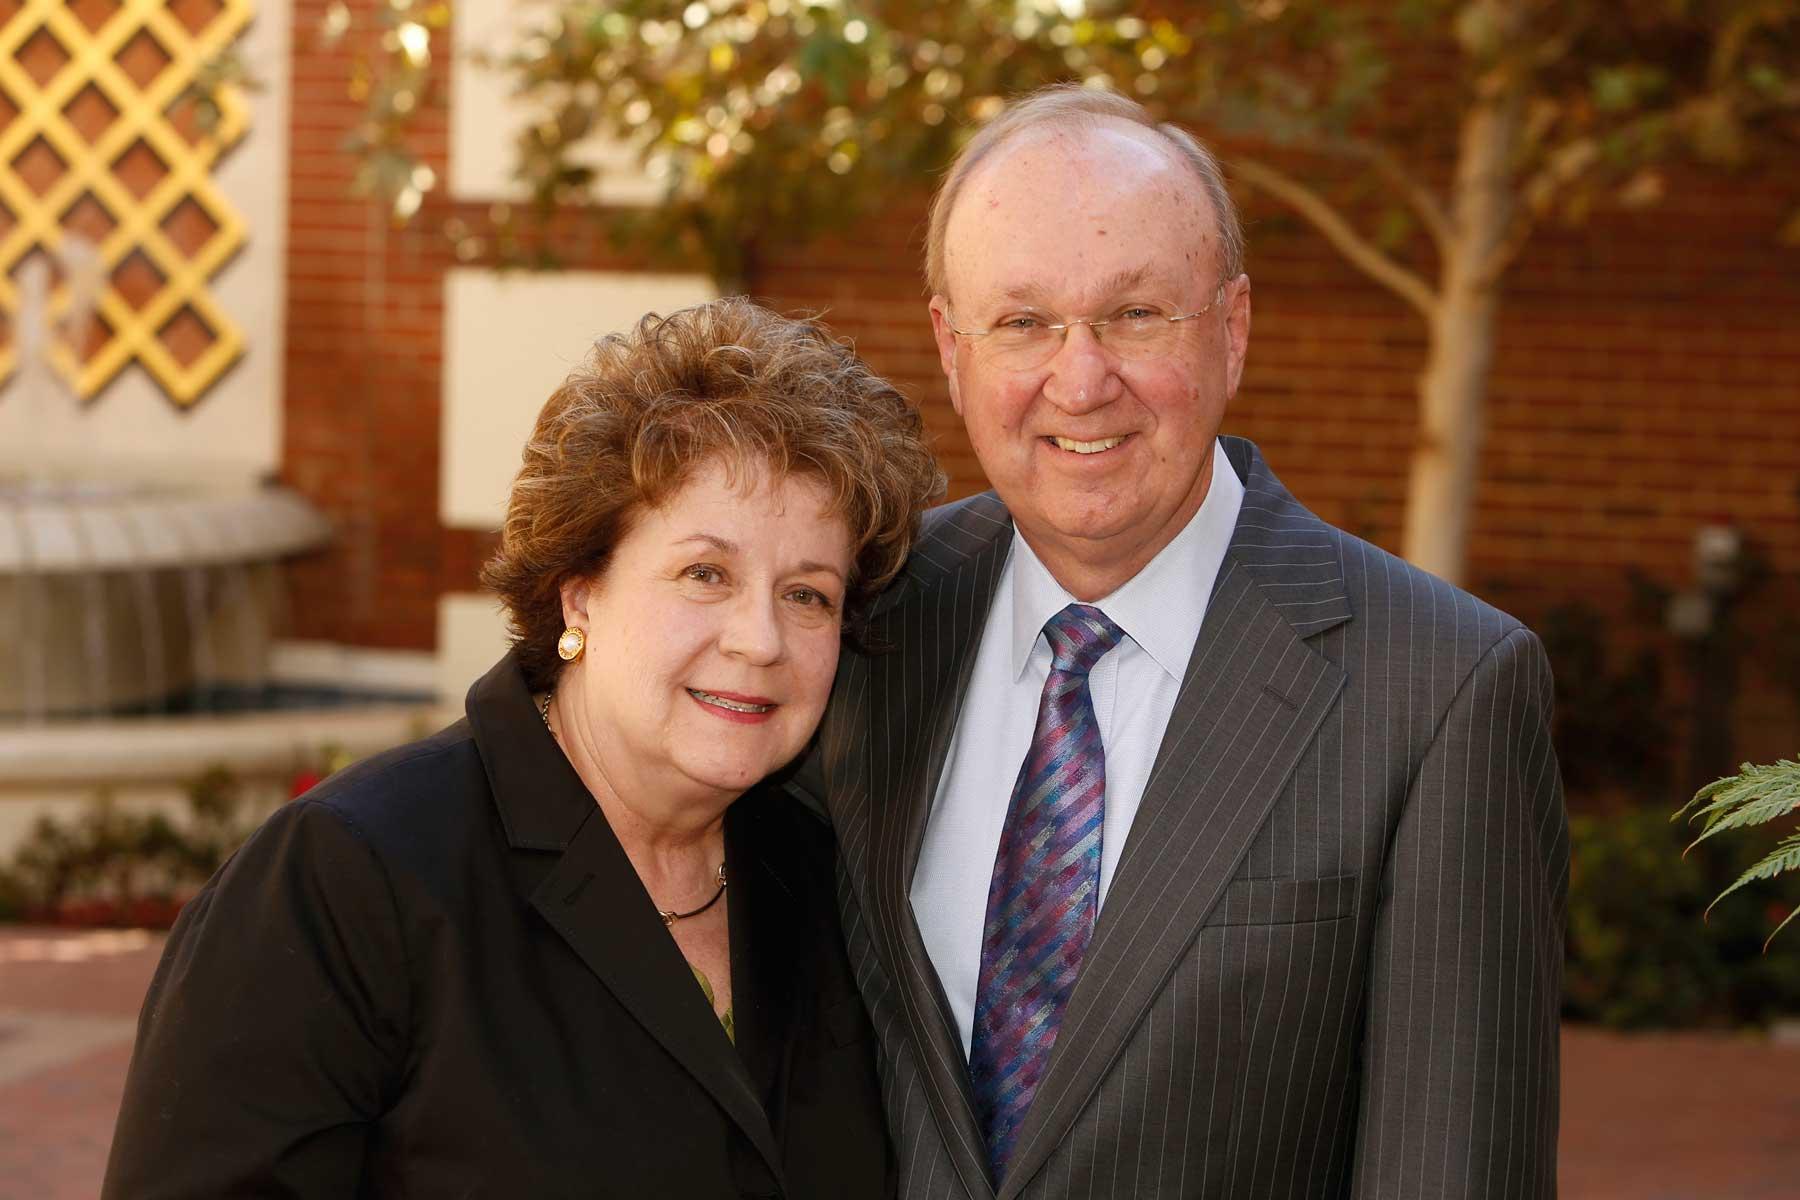 Linda and Harlan Martens